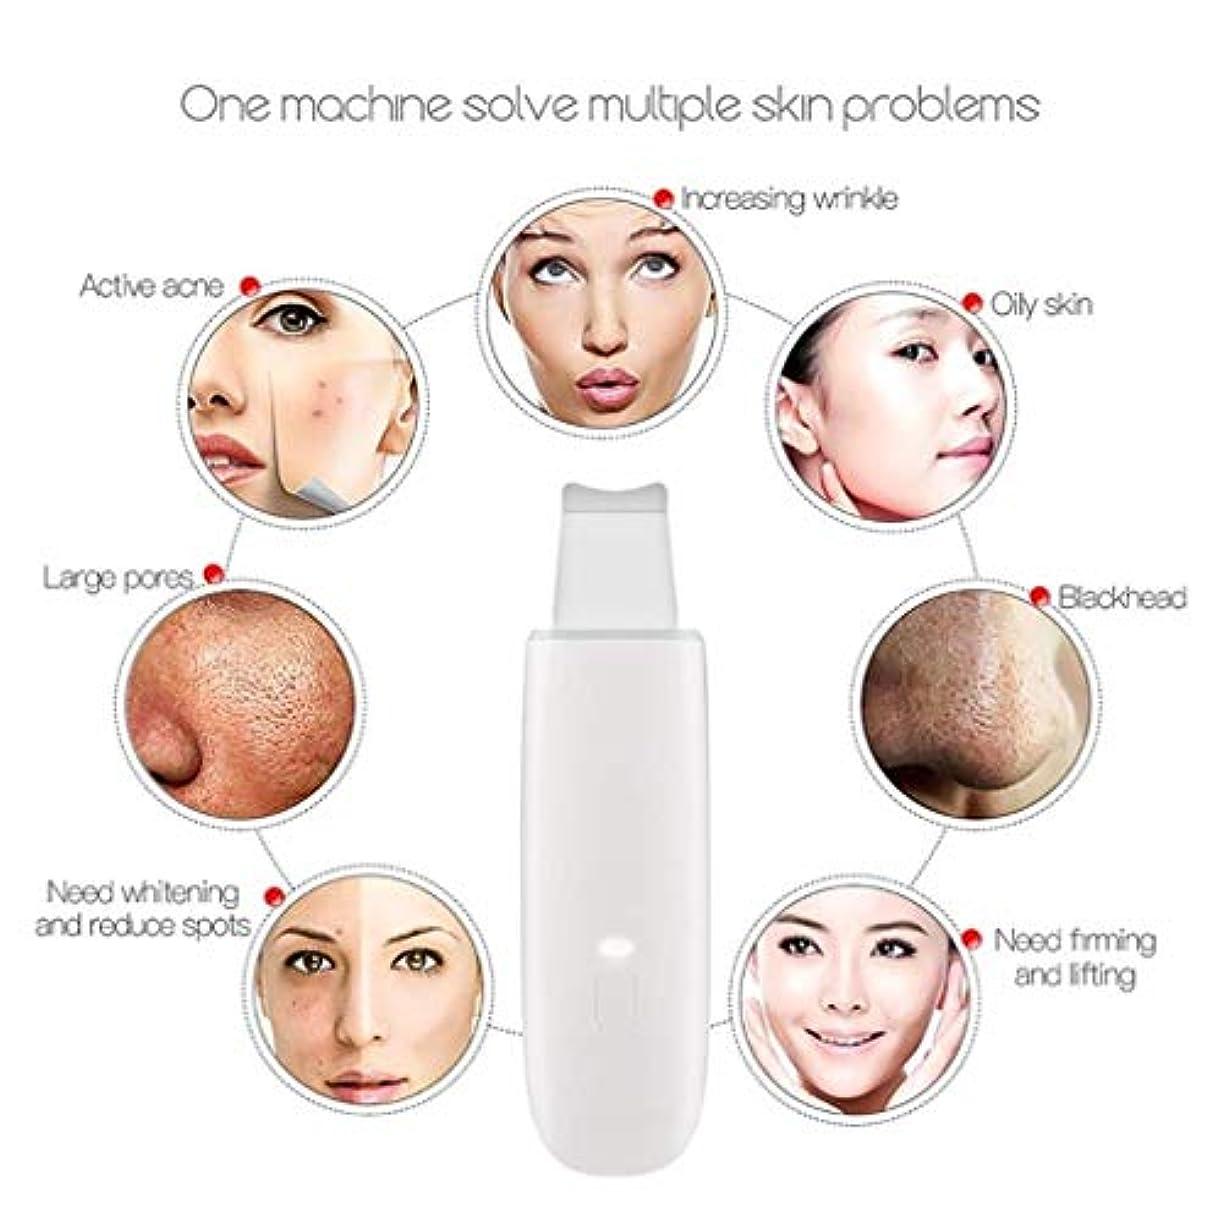 集団的霧深いオッズ顔の美のマッサージャー、顔のマッサージャー、微結晶の顔の修理の深いクリーニングの美装置、超音波顔持ち上がるマッサージャー